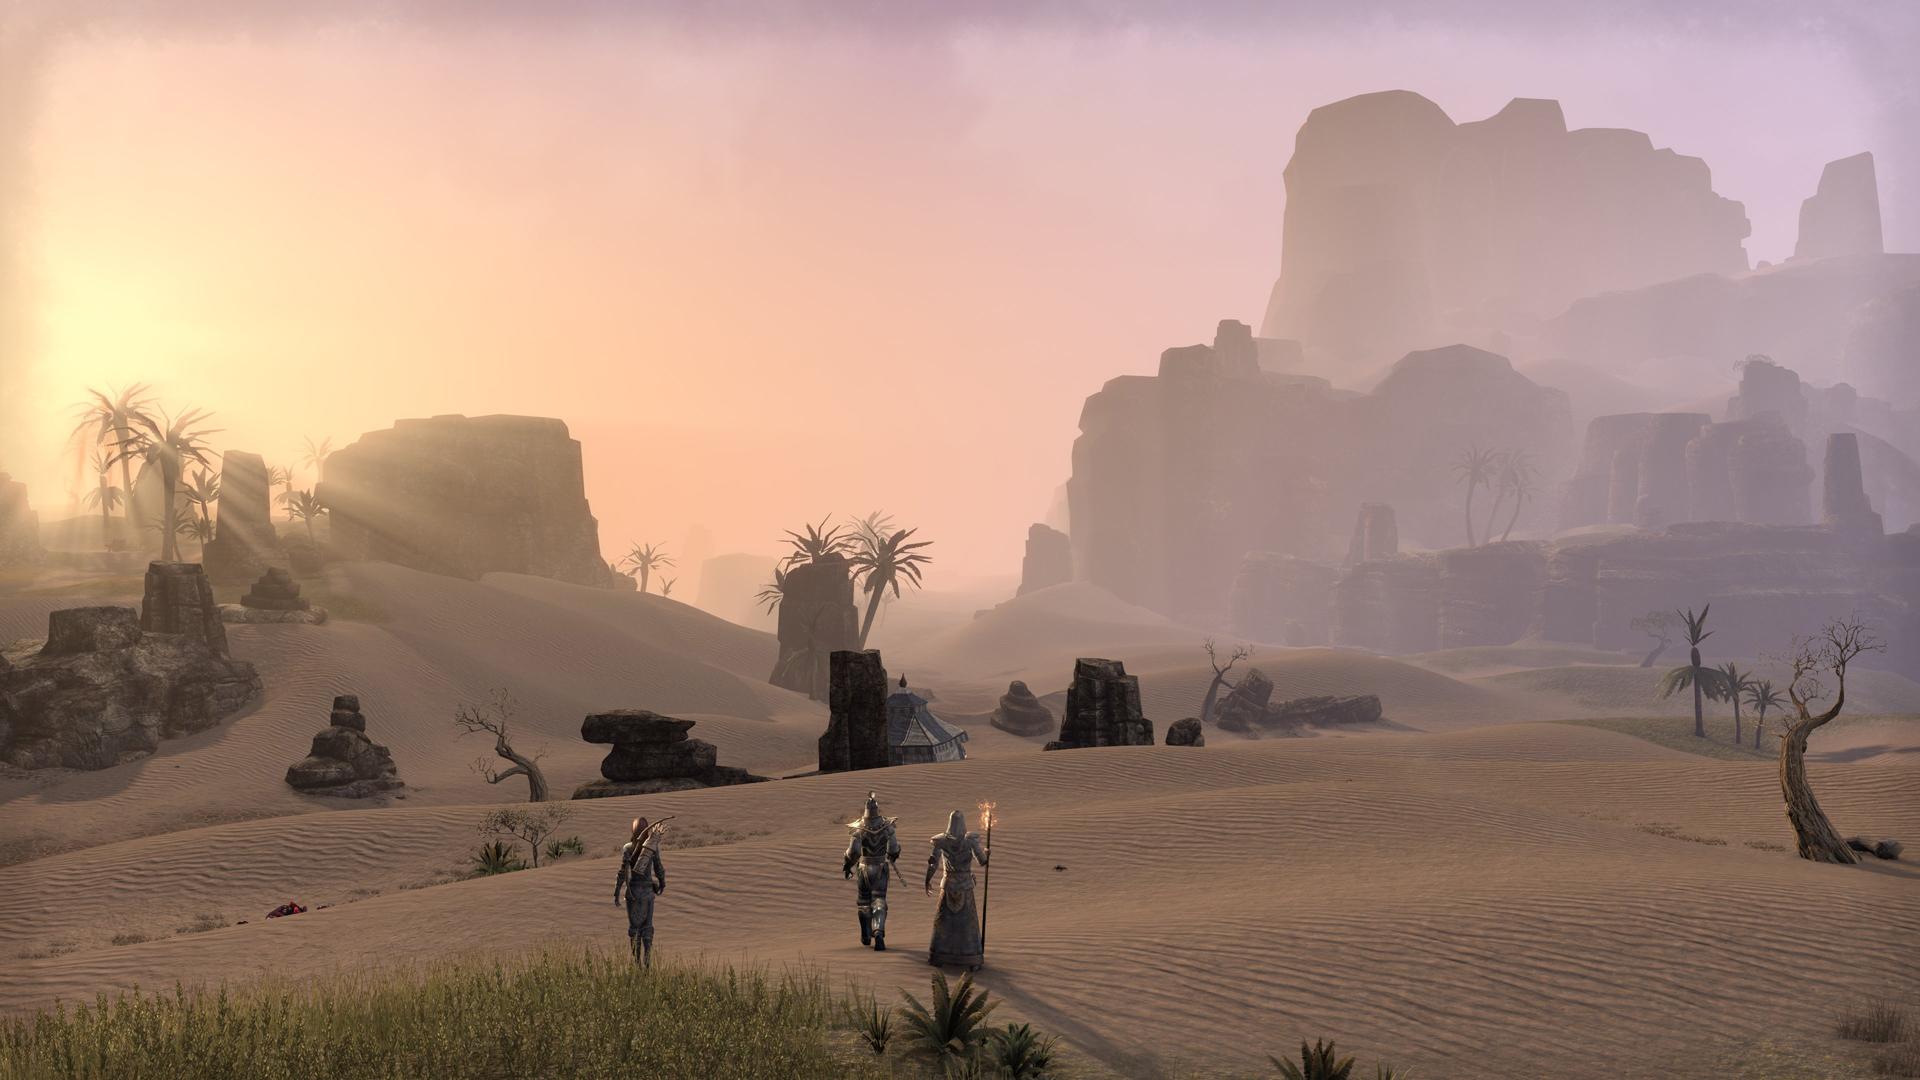 「Elder Scrolls」シリーズの全地域が対象ということで、このような砂漠地帯も描かれる